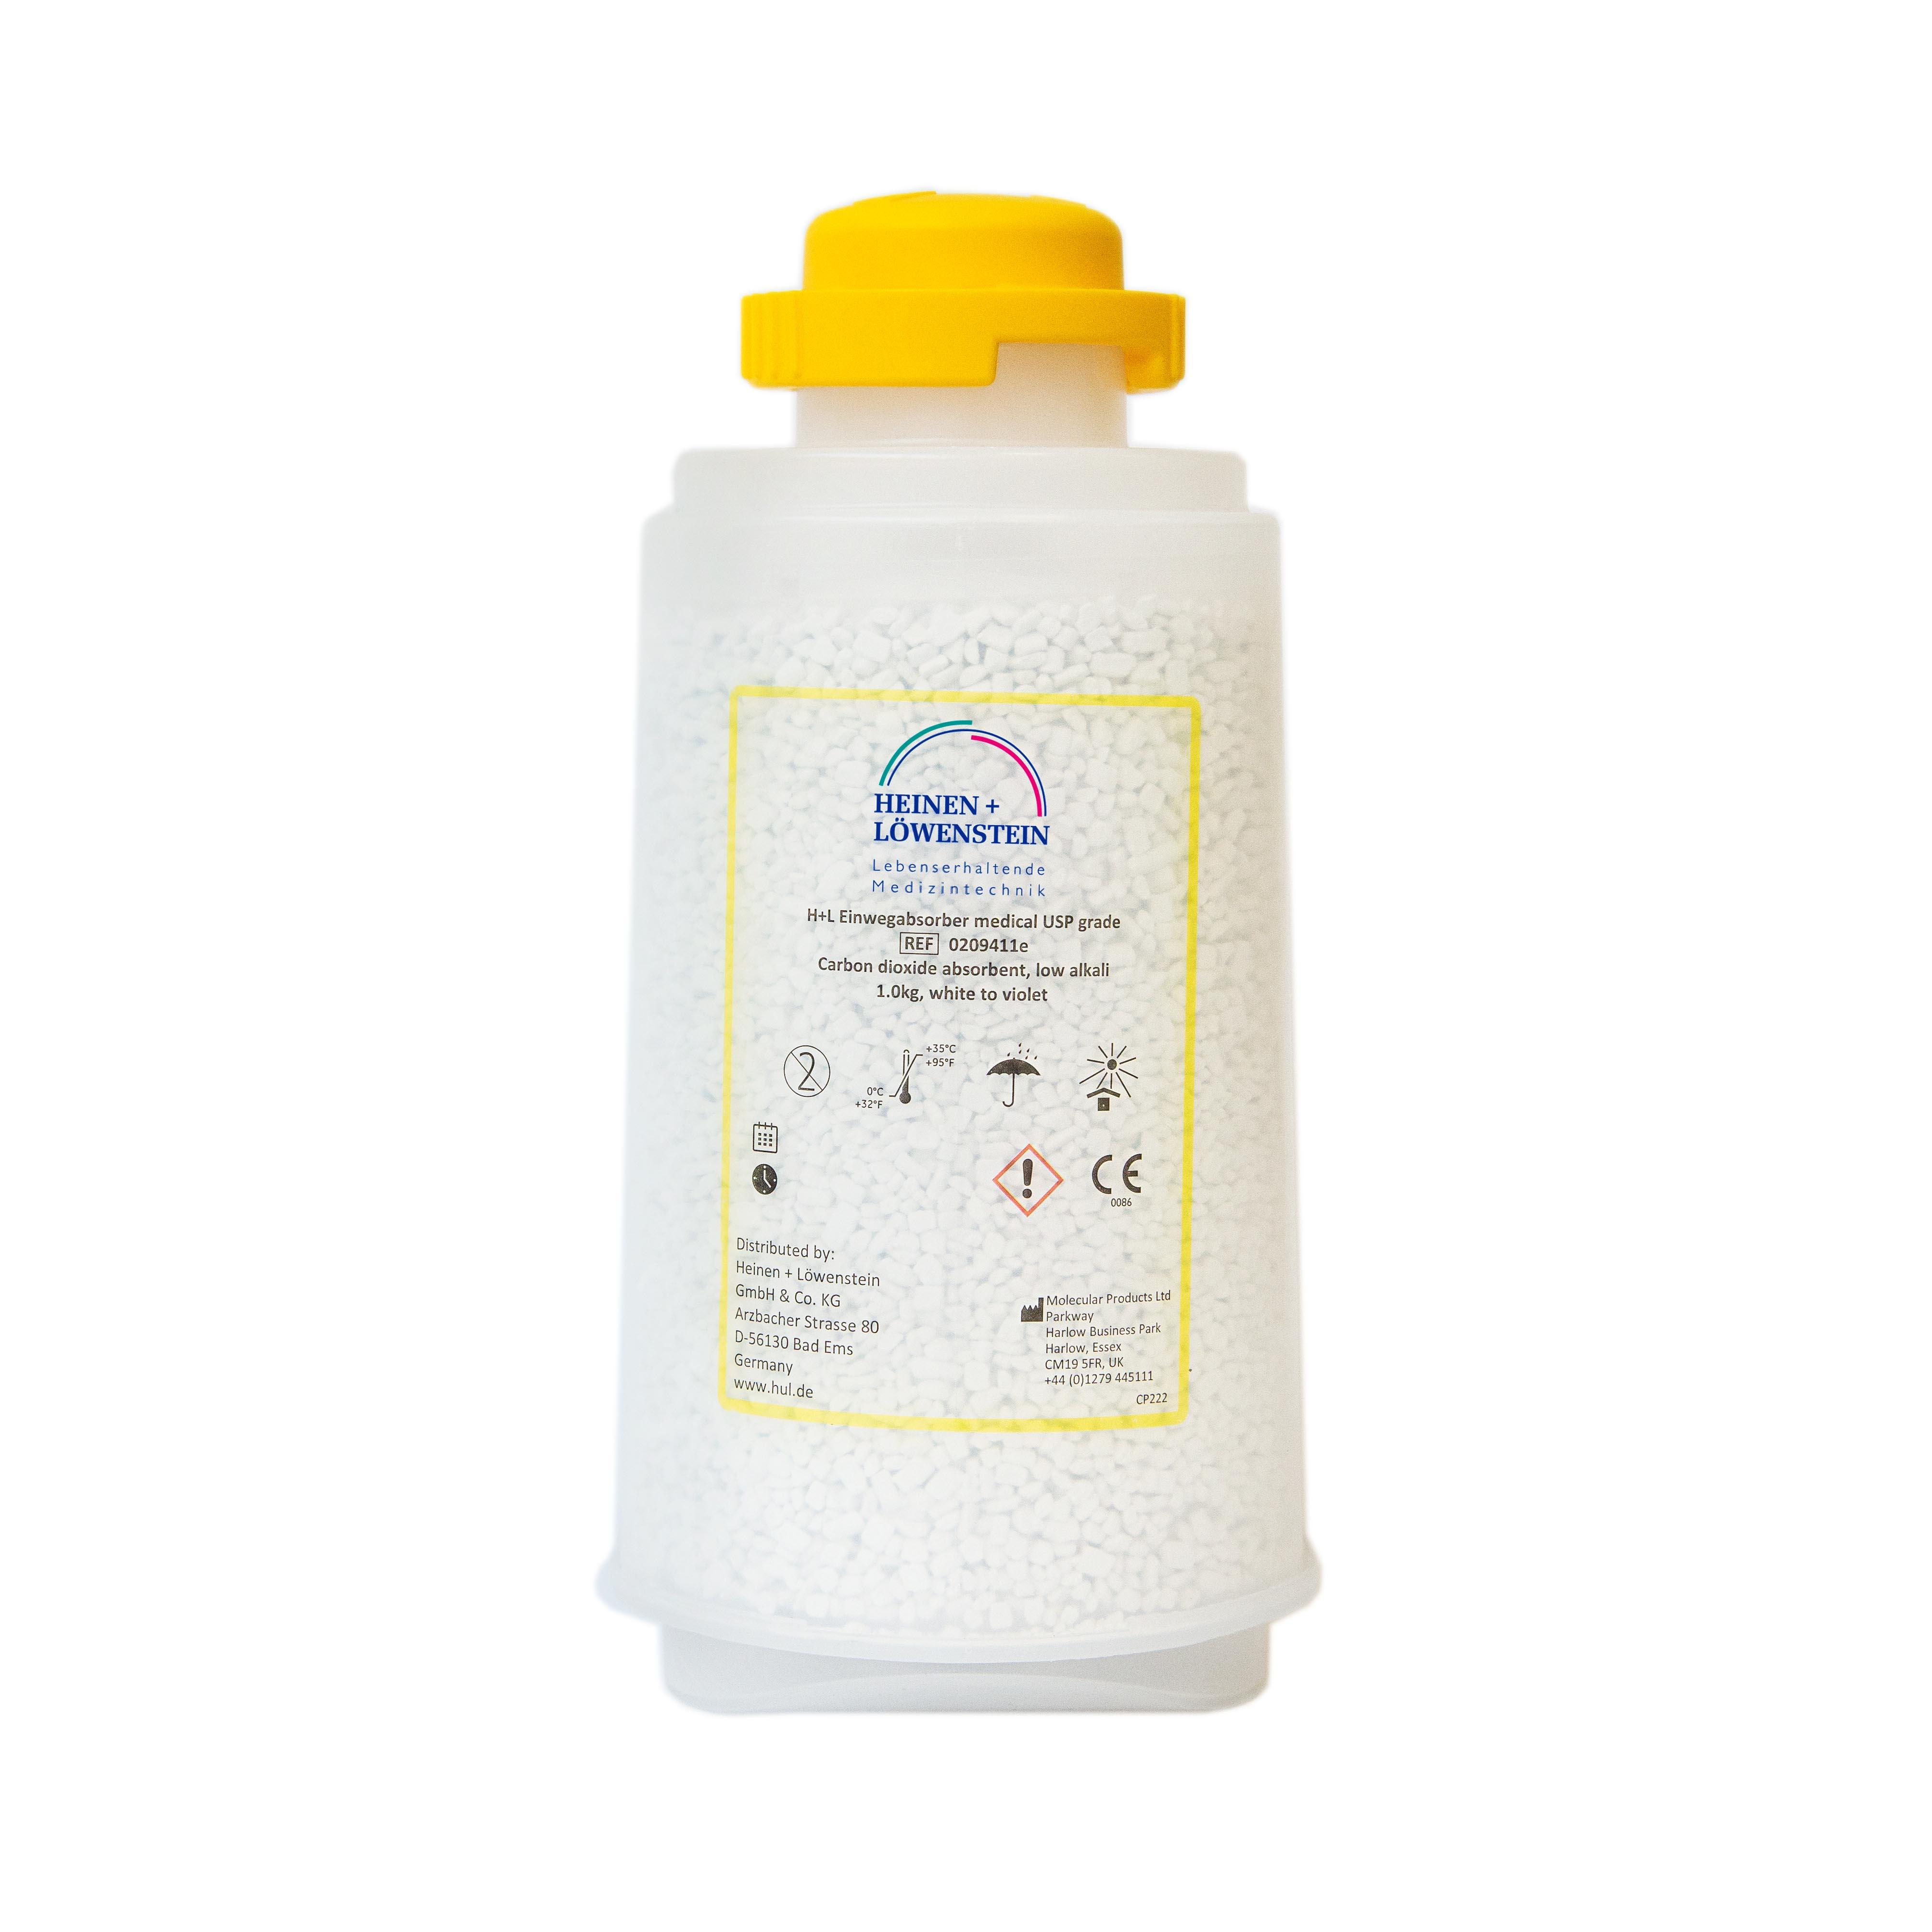 Disposable absorber Leonsorb premium Heinen   Löwenstein #C7A004